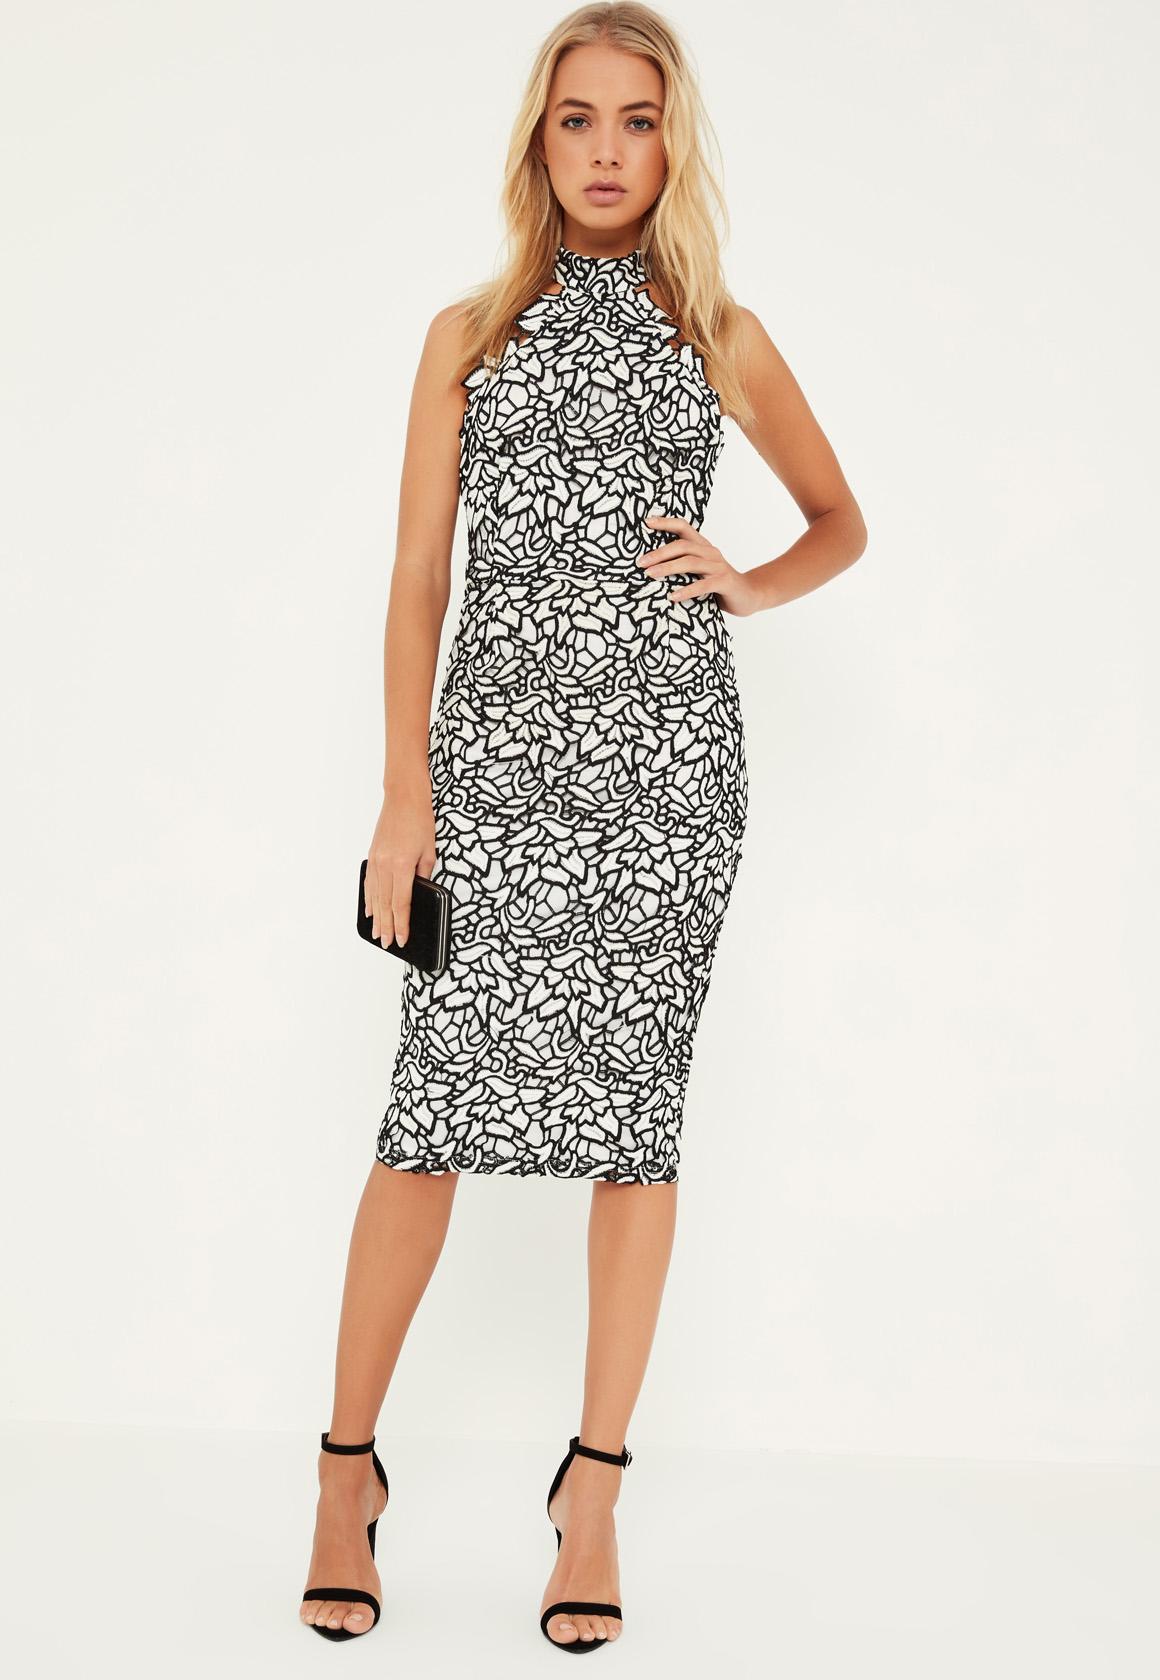 f527564918 MISSGUIDED sukienka ołówkowa koronka 42 14 - 7135046634 ...